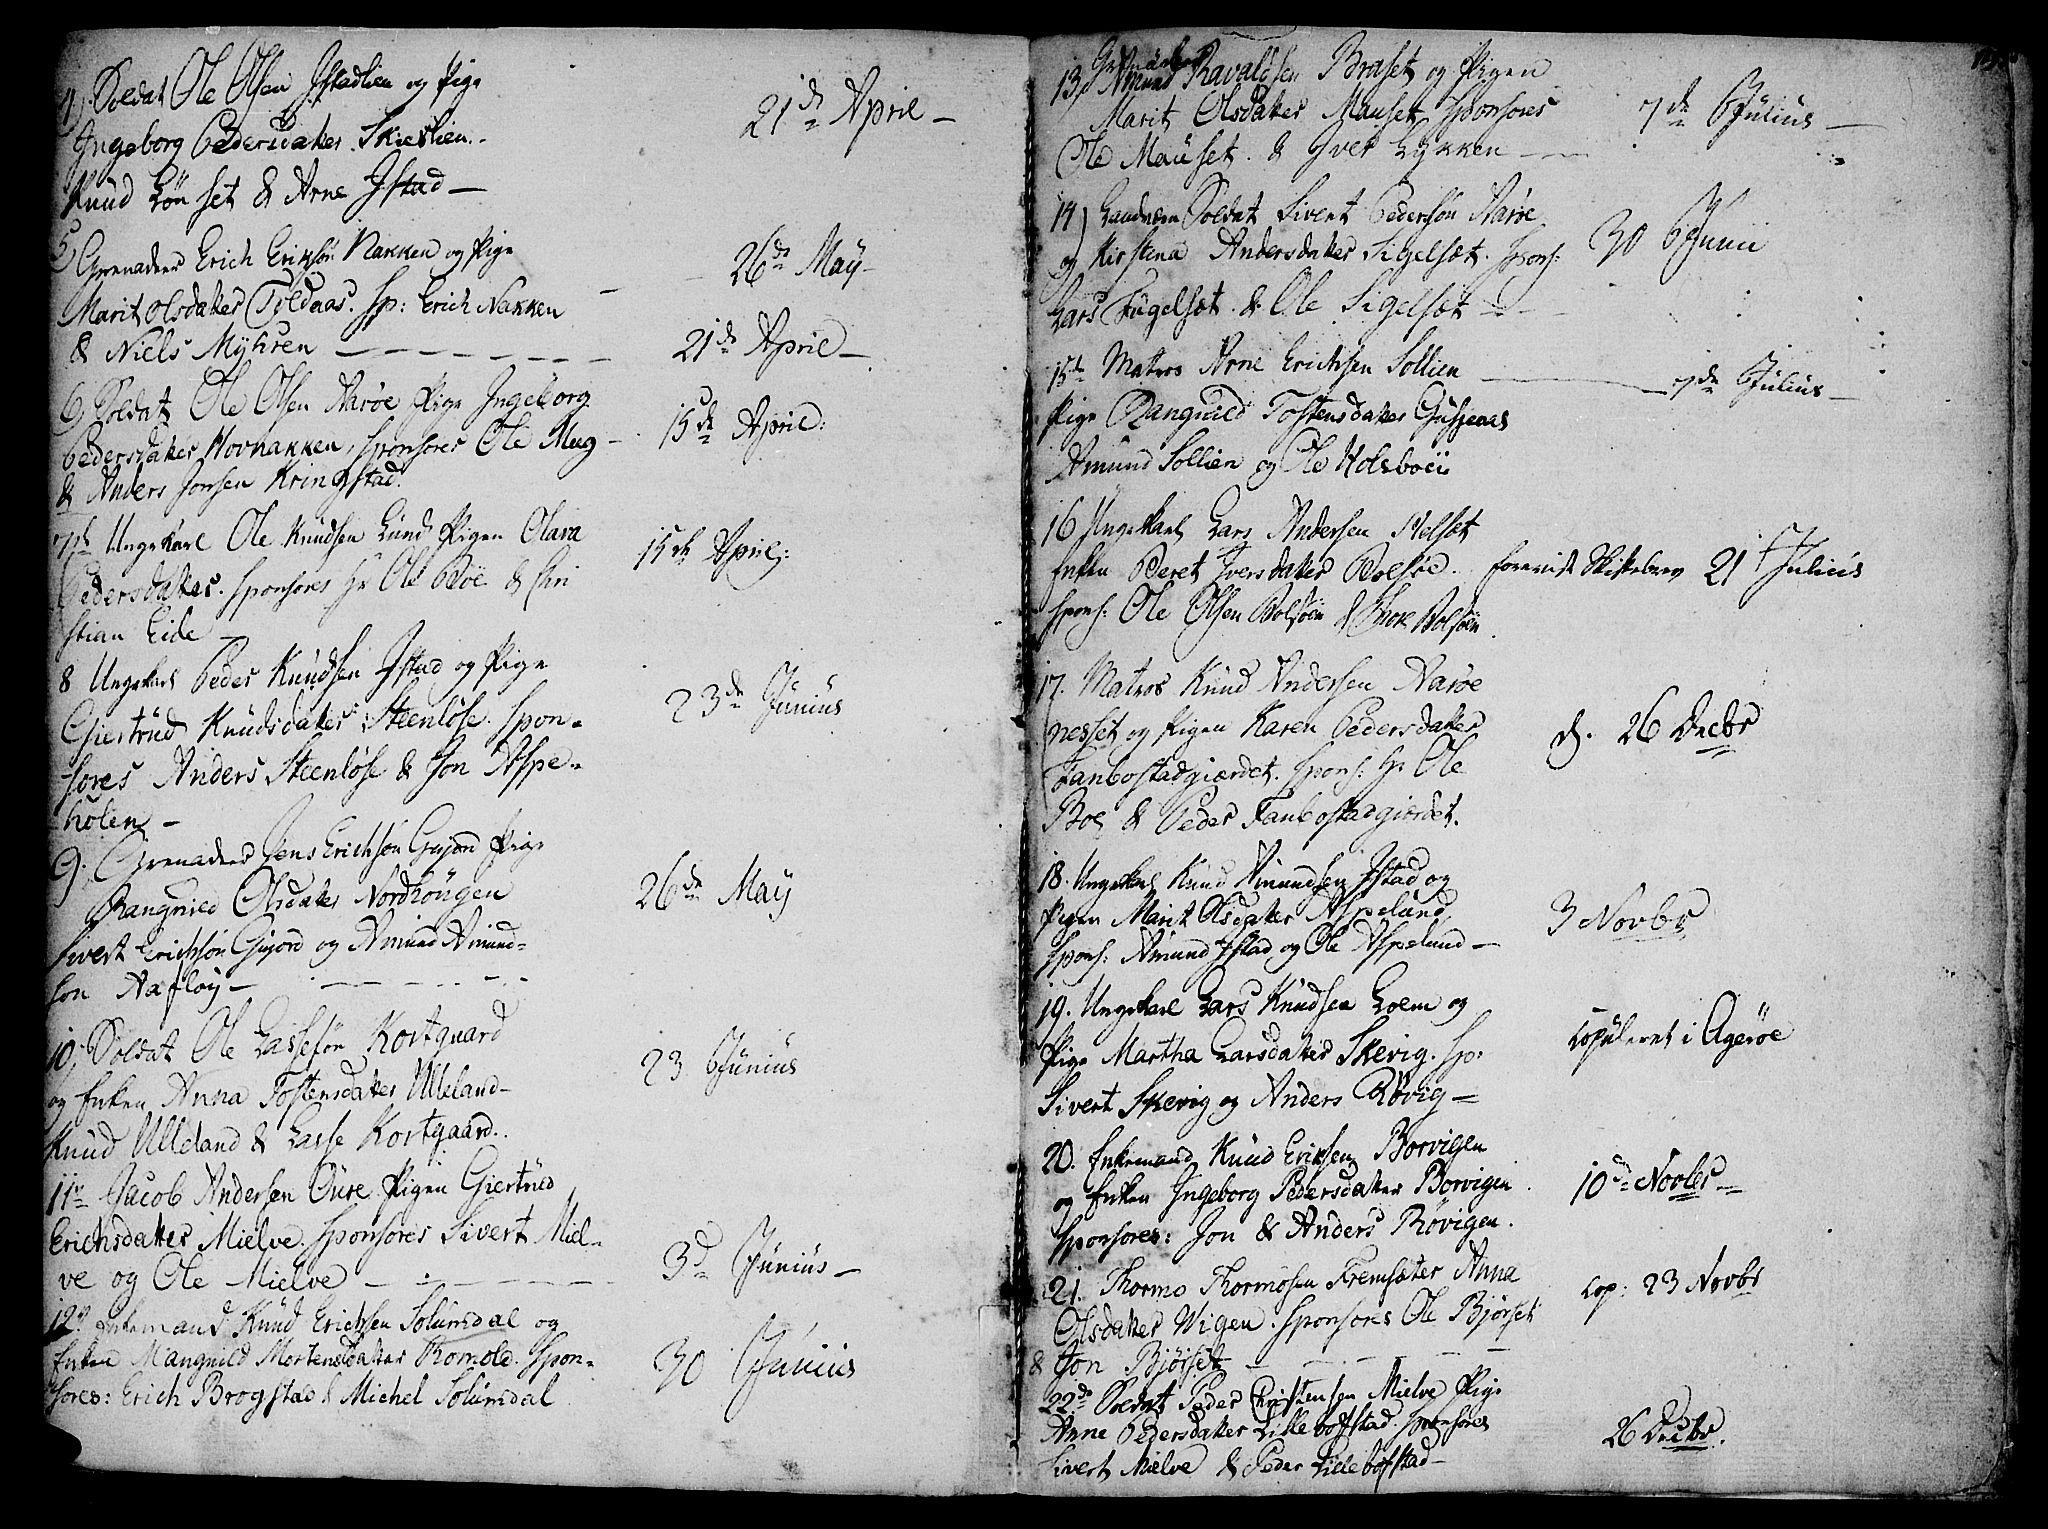 SAT, Ministerialprotokoller, klokkerbøker og fødselsregistre - Møre og Romsdal, 555/L0650: Ministerialbok nr. 555A02 /2, 1798-1821, s. 138